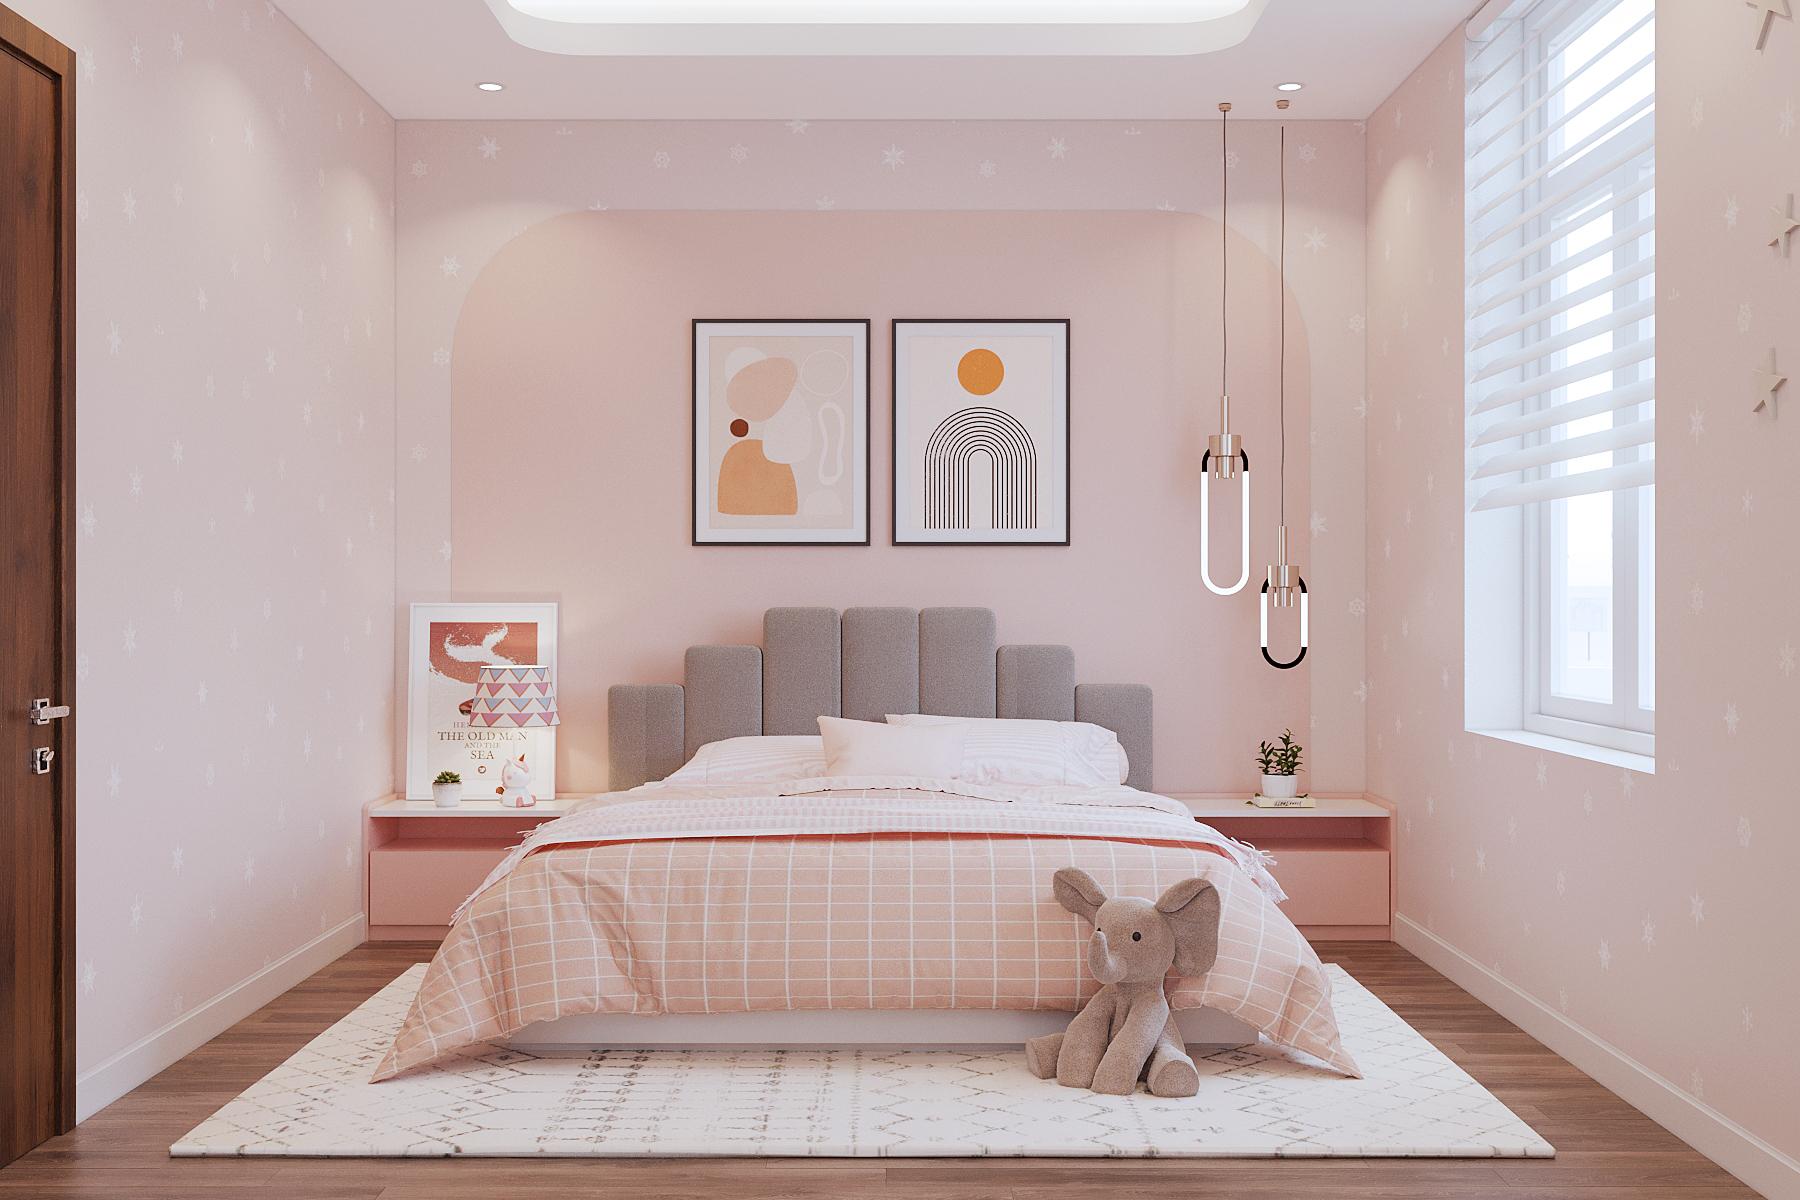 Thiết kế nội thất Nhà tại Quảng Ninh nhà lô anh Hiếu Uông Bí 1627033784 6